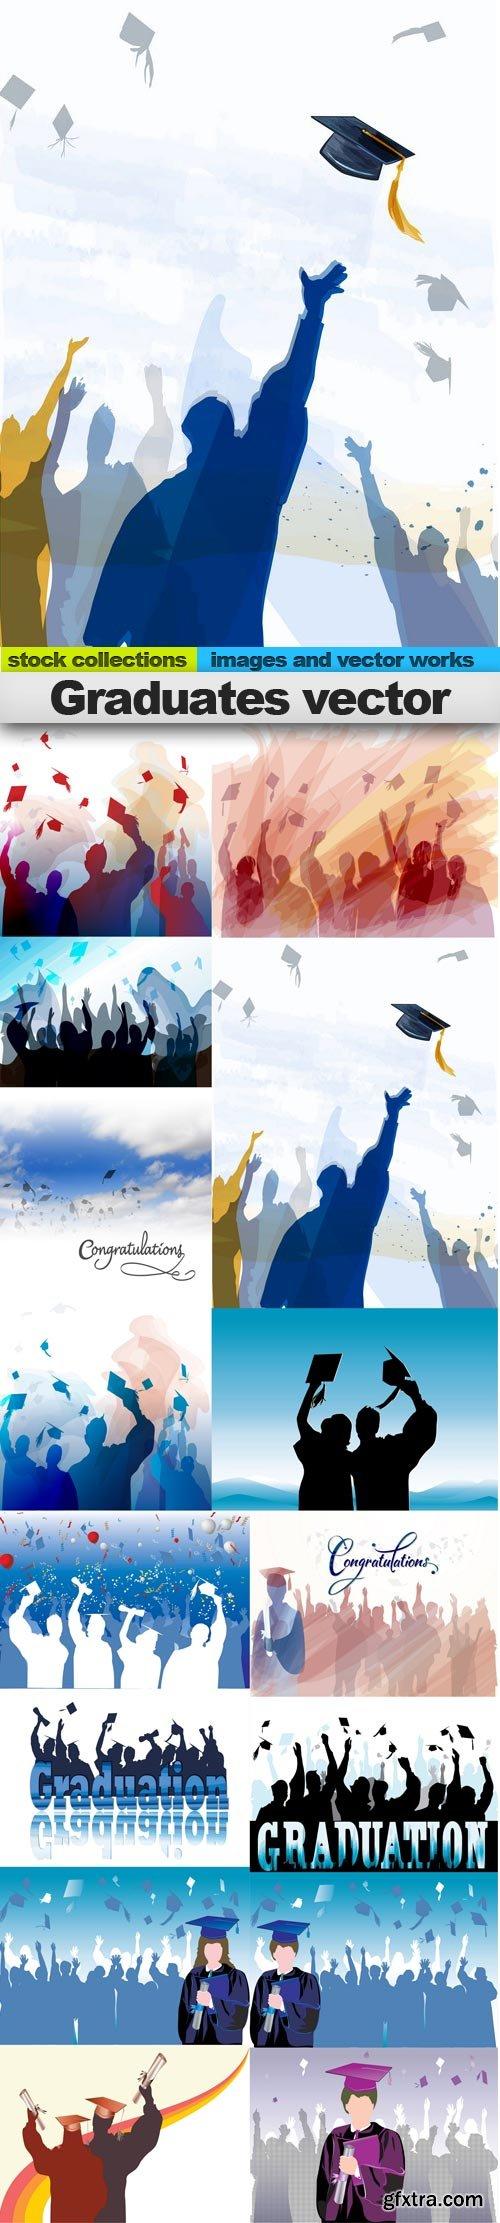 Graduates vector, 15 x EPS